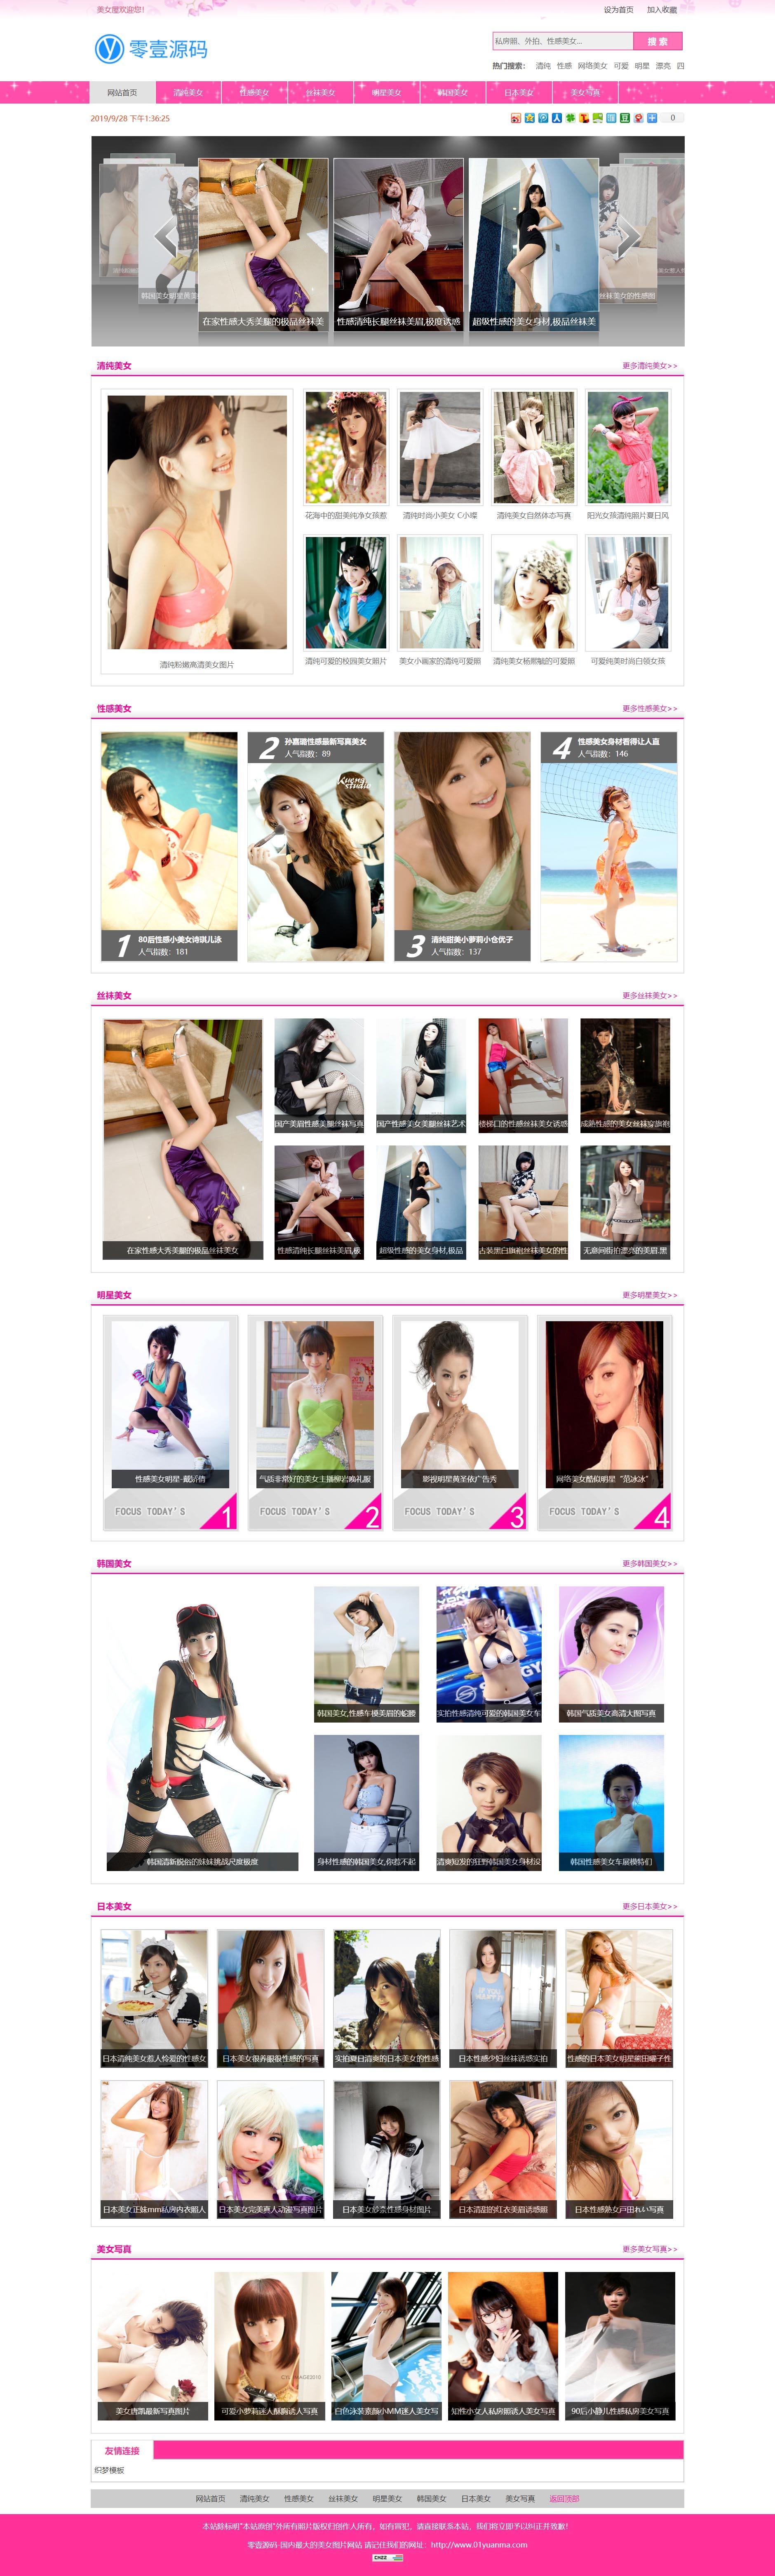 高质量的美女明星图片类网站织梦dedecms模板